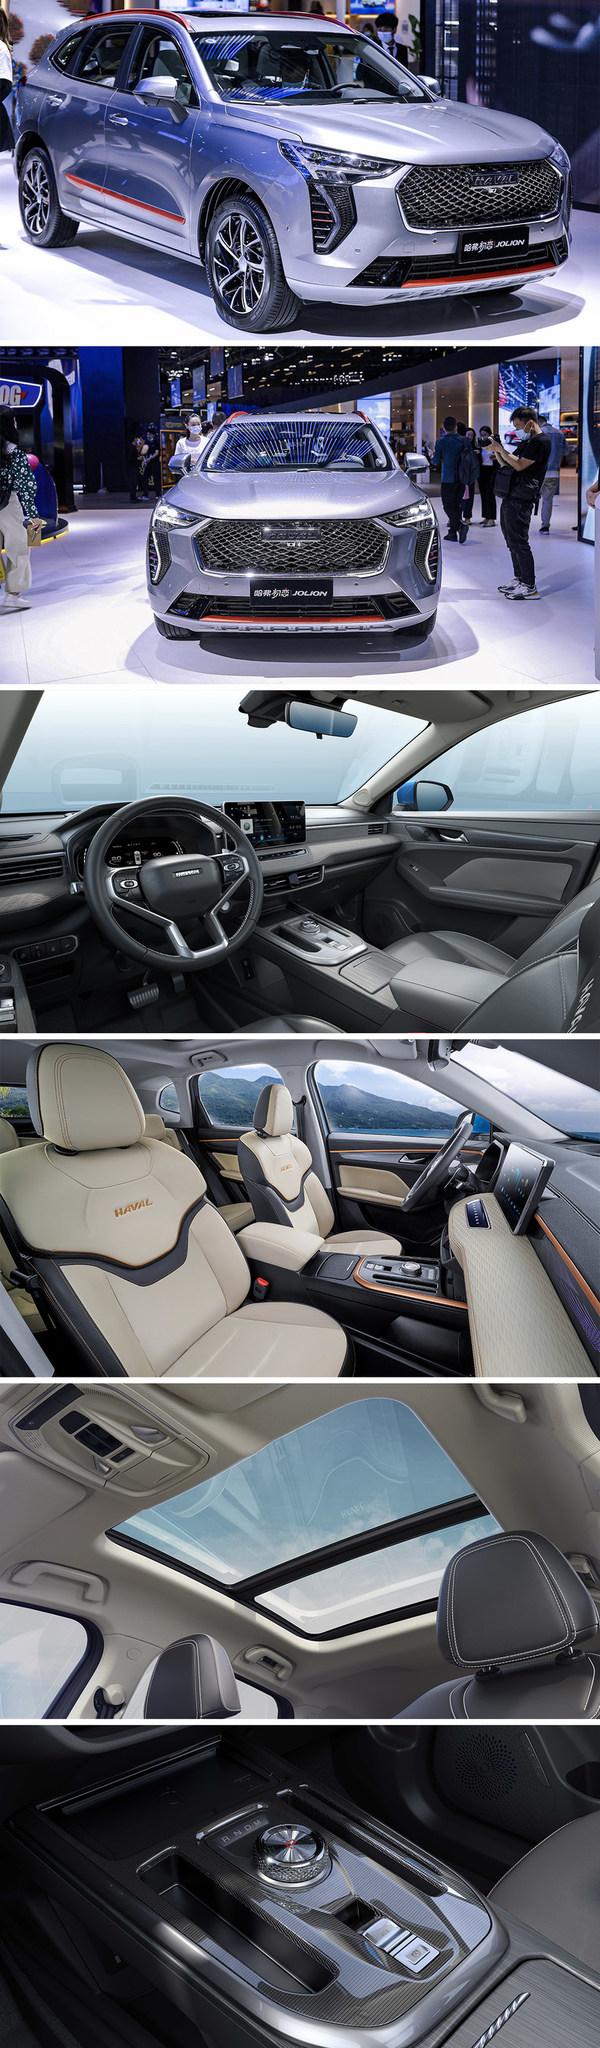 유행 선도하는 SUV HAVAL JOLION, 상하이 모터쇼 2021에서 전시